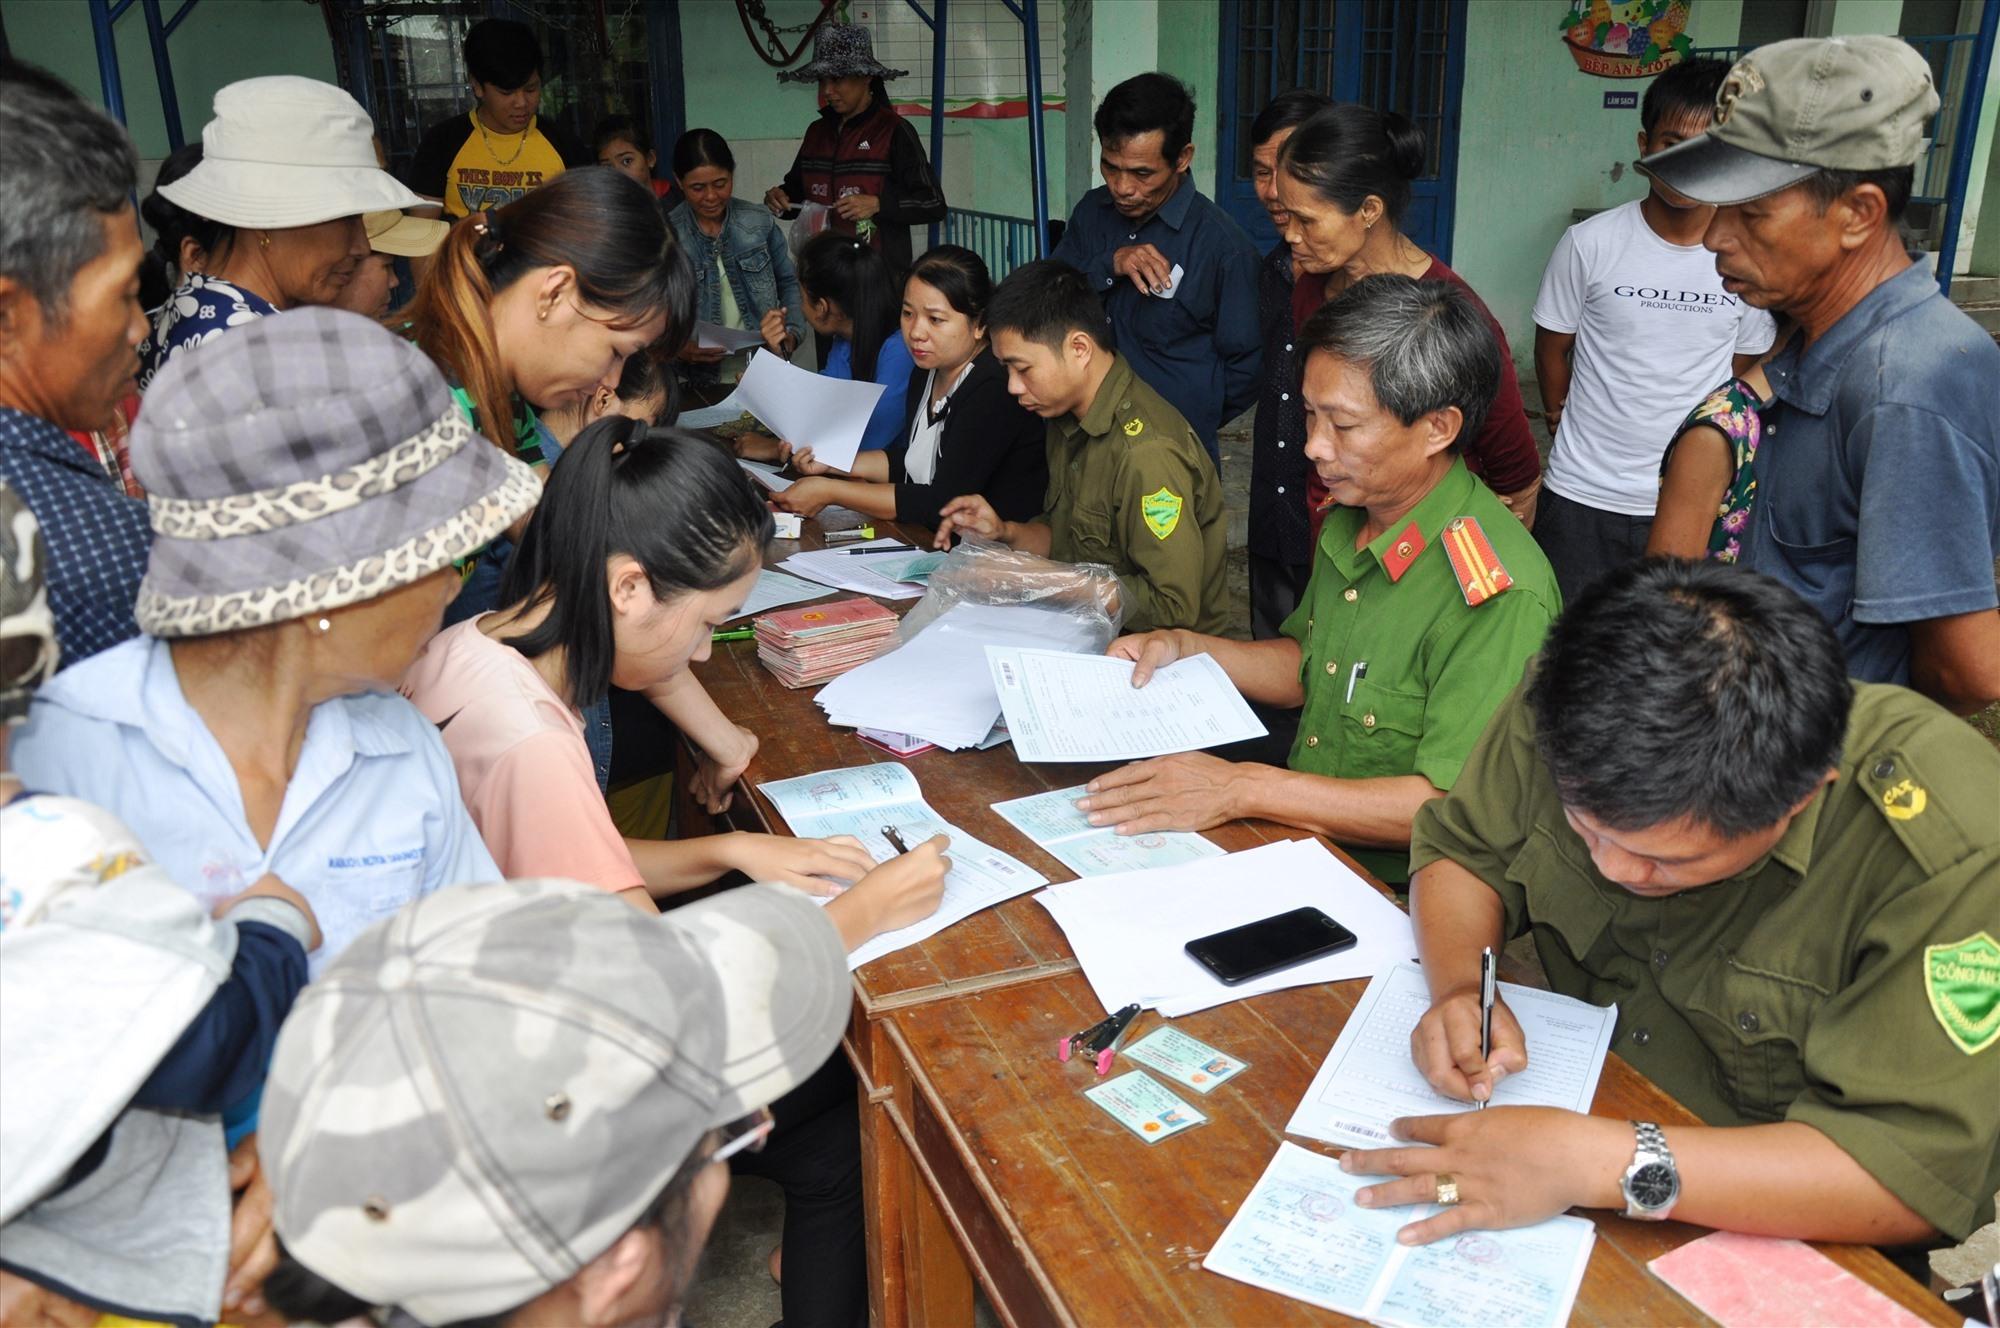 Quảng Nam đã thu thập hơn 1.649 triệu phiếu thu thập thông tin dữ liệu dân cư trong tổng số 1,659 triệu nhân khẩu vào cuối năm 2020. Ảnh: T.C